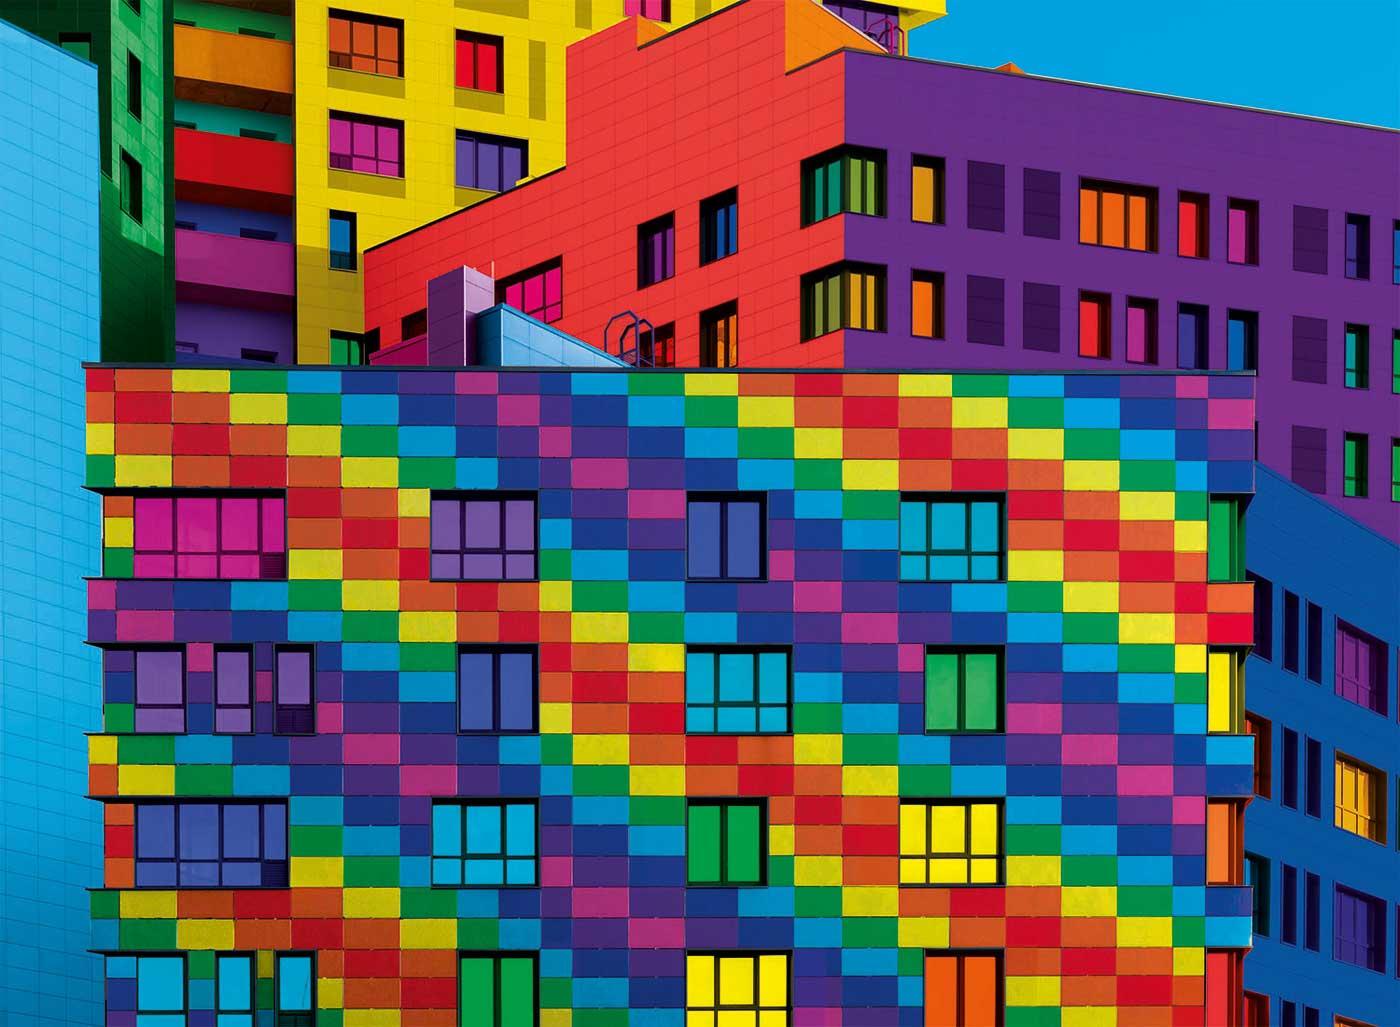 Puzzle Clementoni Bloques Colorboom de 500 Piezas